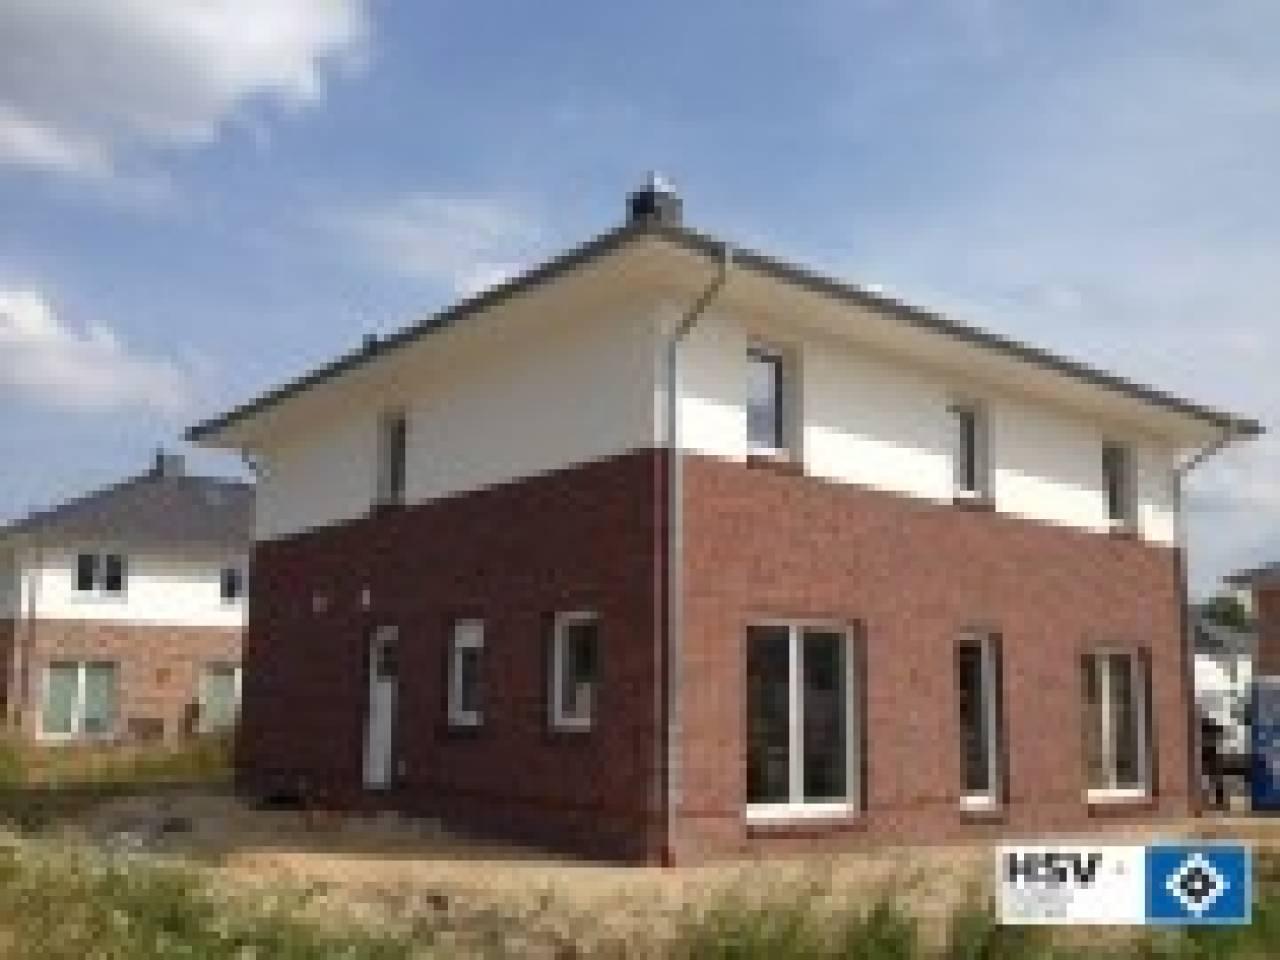 breyer seck bau hausbesichtigung am 27 juli 2014 in wentorf bei hamburg. Black Bedroom Furniture Sets. Home Design Ideas